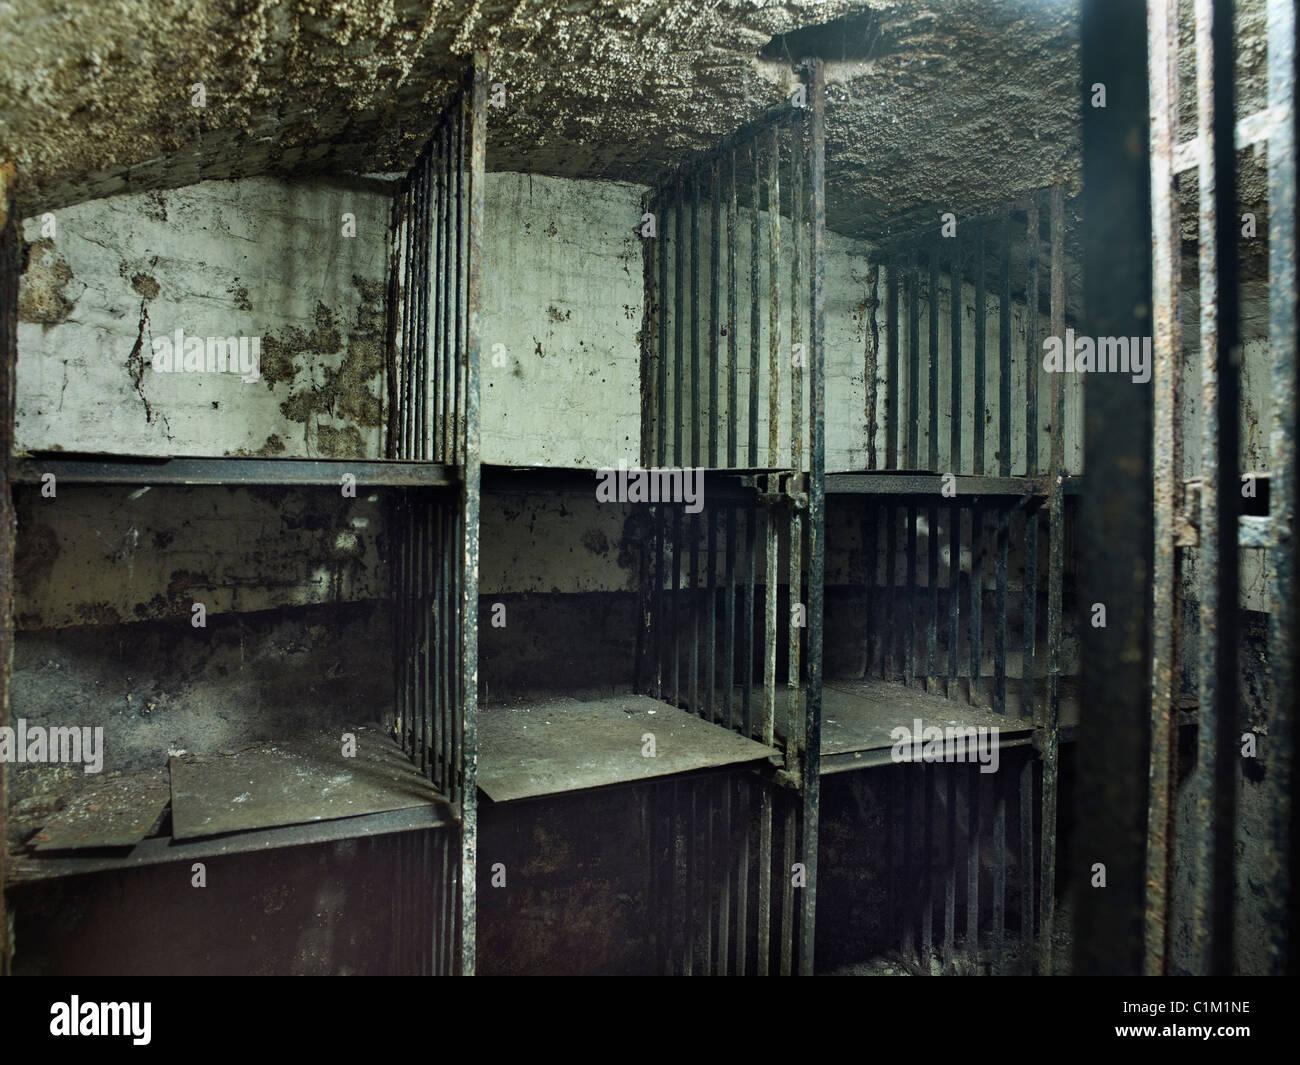 Newgate Zellen im Viadukt Taverne, City of London. Zellen waren einst Teil des Giltspur Comptor mit Metallkäfige Stockbild